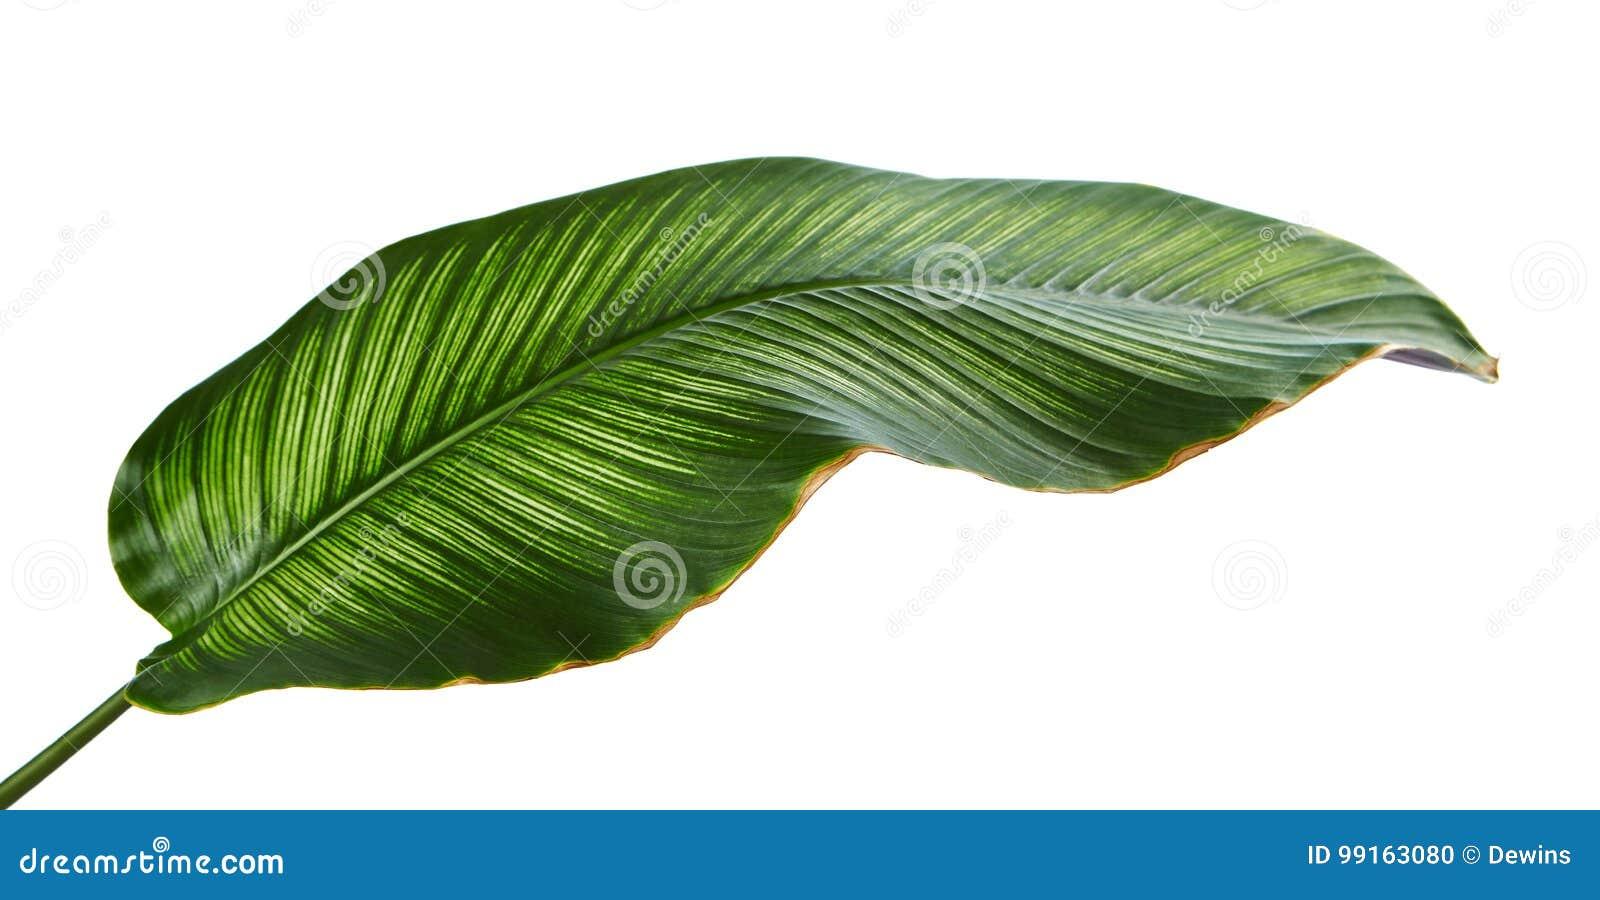 Calathea ornata Pin-stripe Calathea leaves, tropical foliage isolated on white background